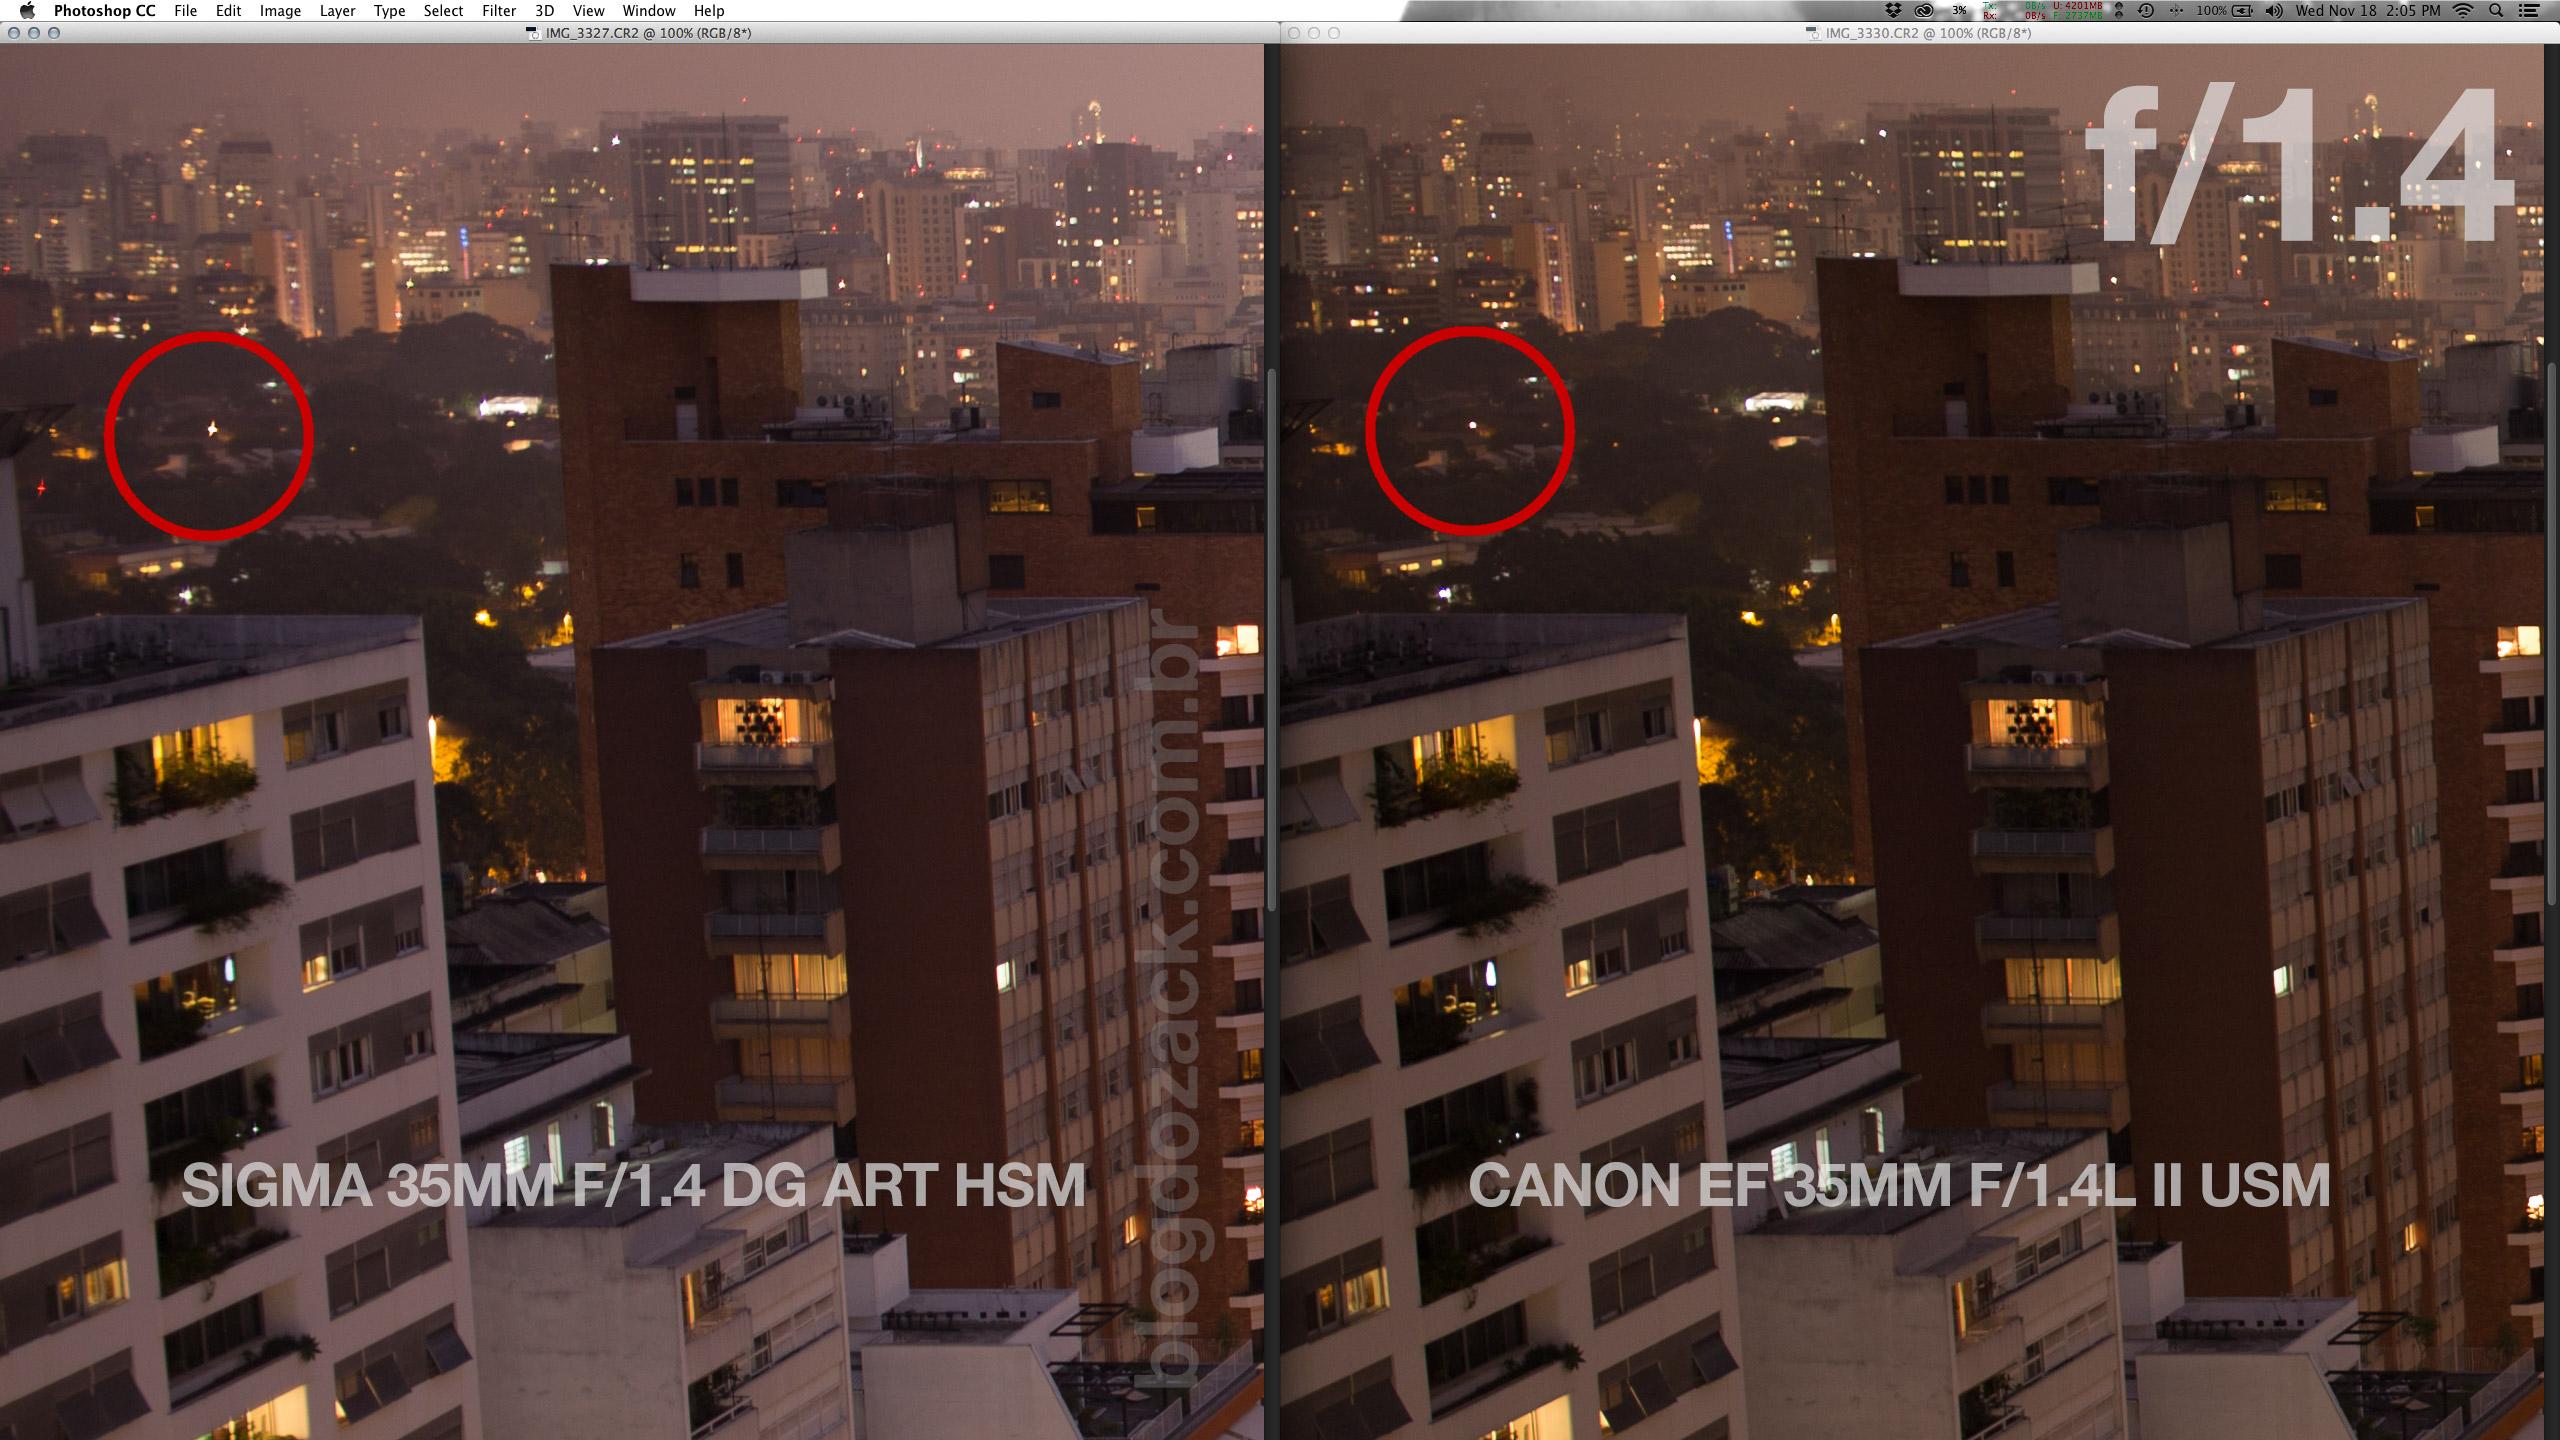 A Sigma que já corrigia isso muito bem fica obviamente para trás em comparação a Canon nova. A Canon é realmente bizarra na abertura máxima em nitidez e controle de aberrações.